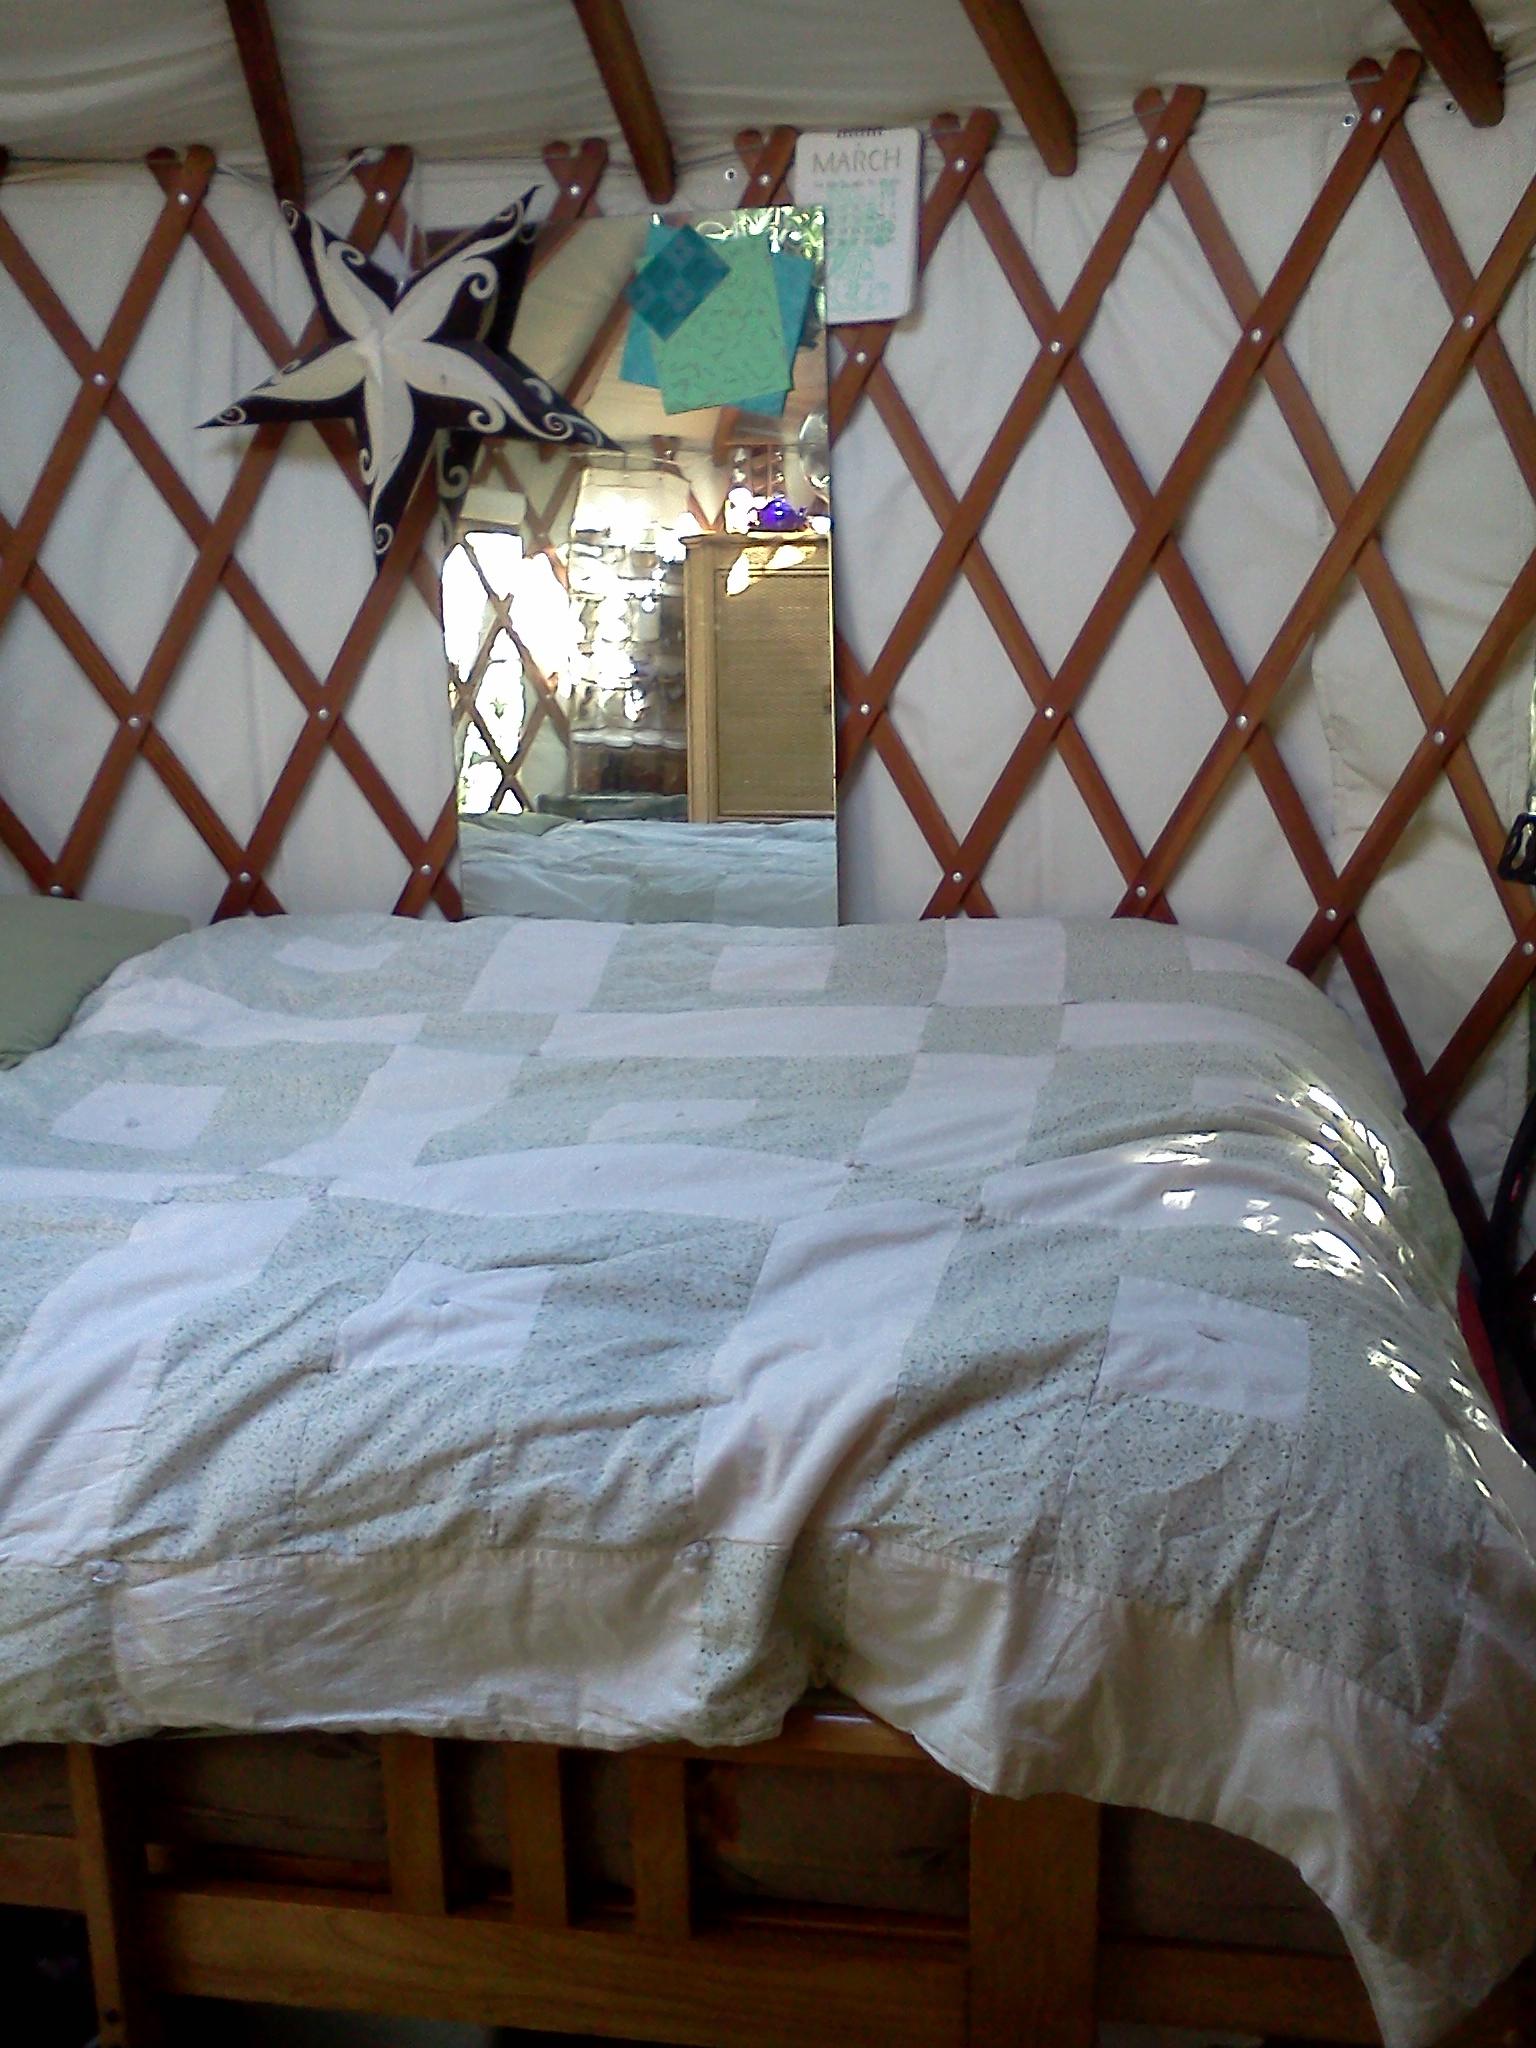 sunlight dappling my bed